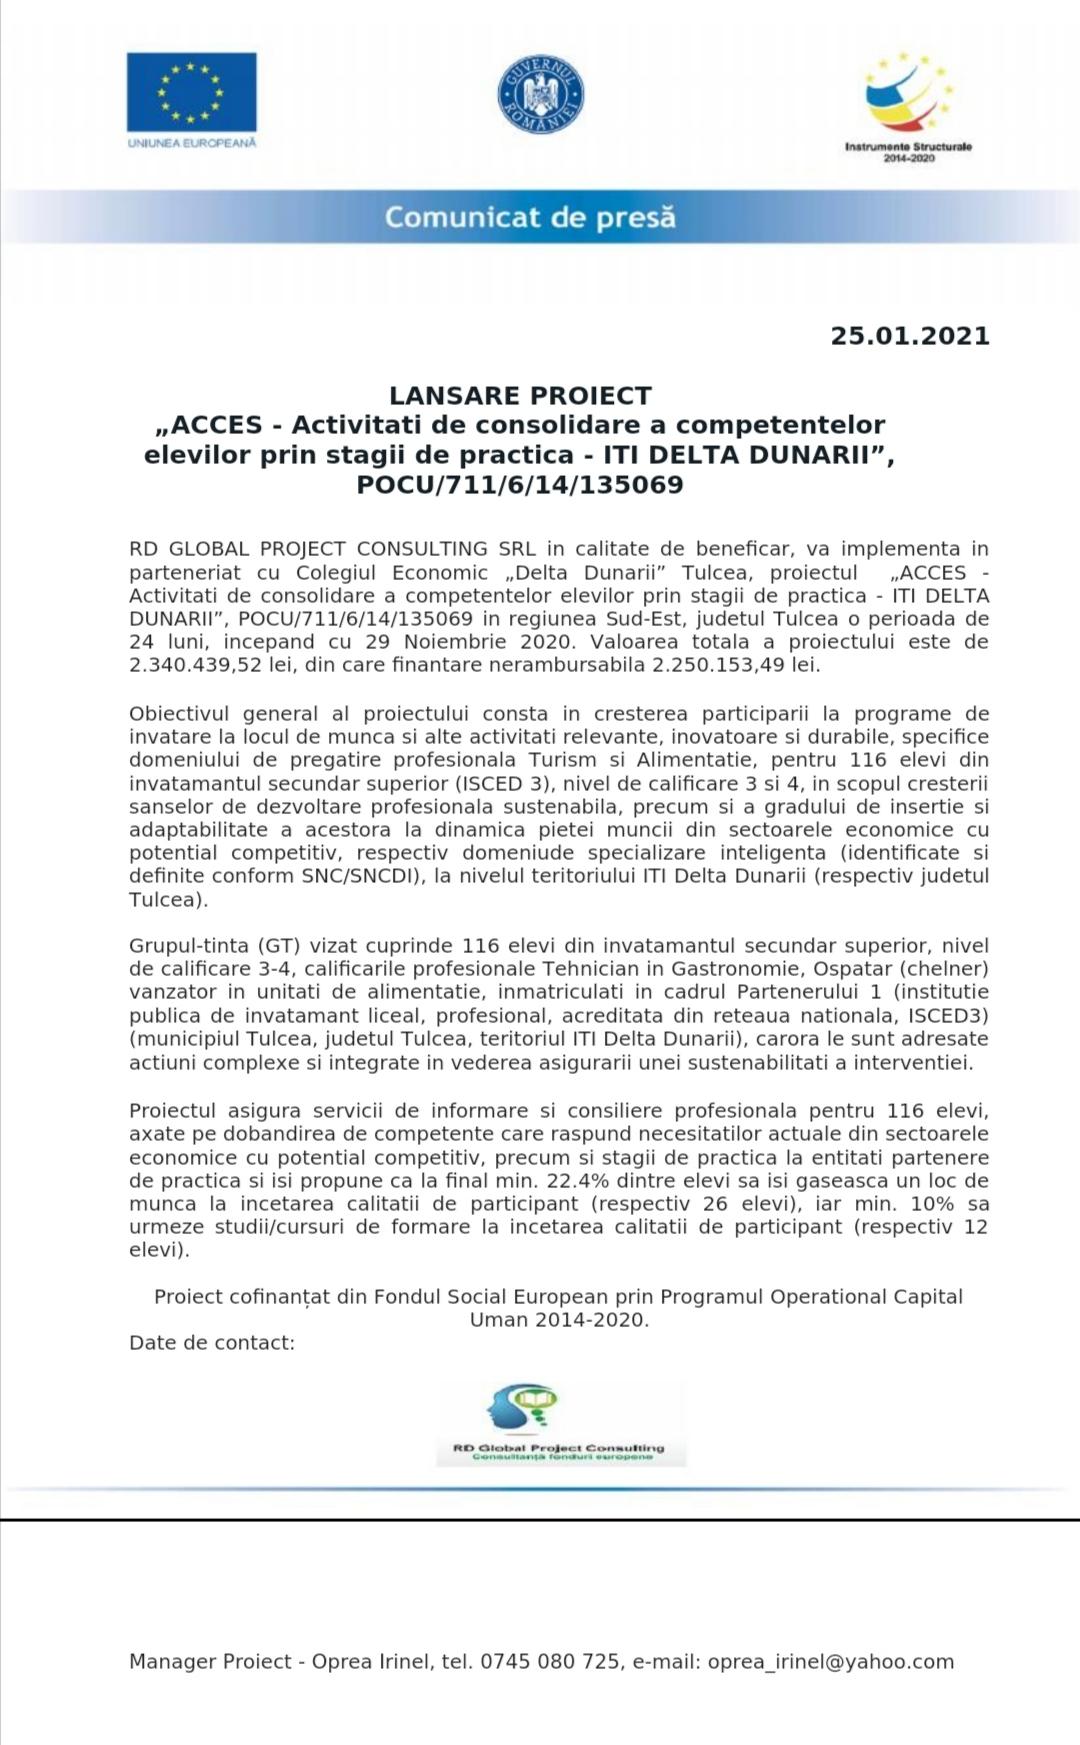 """Comunicat de presă lansare proiect """"Acces – activități de consolidare a competențelor elevilor prin stagii de practică – ITI Delta Dunării"""", POCU/711/6/14/135069"""